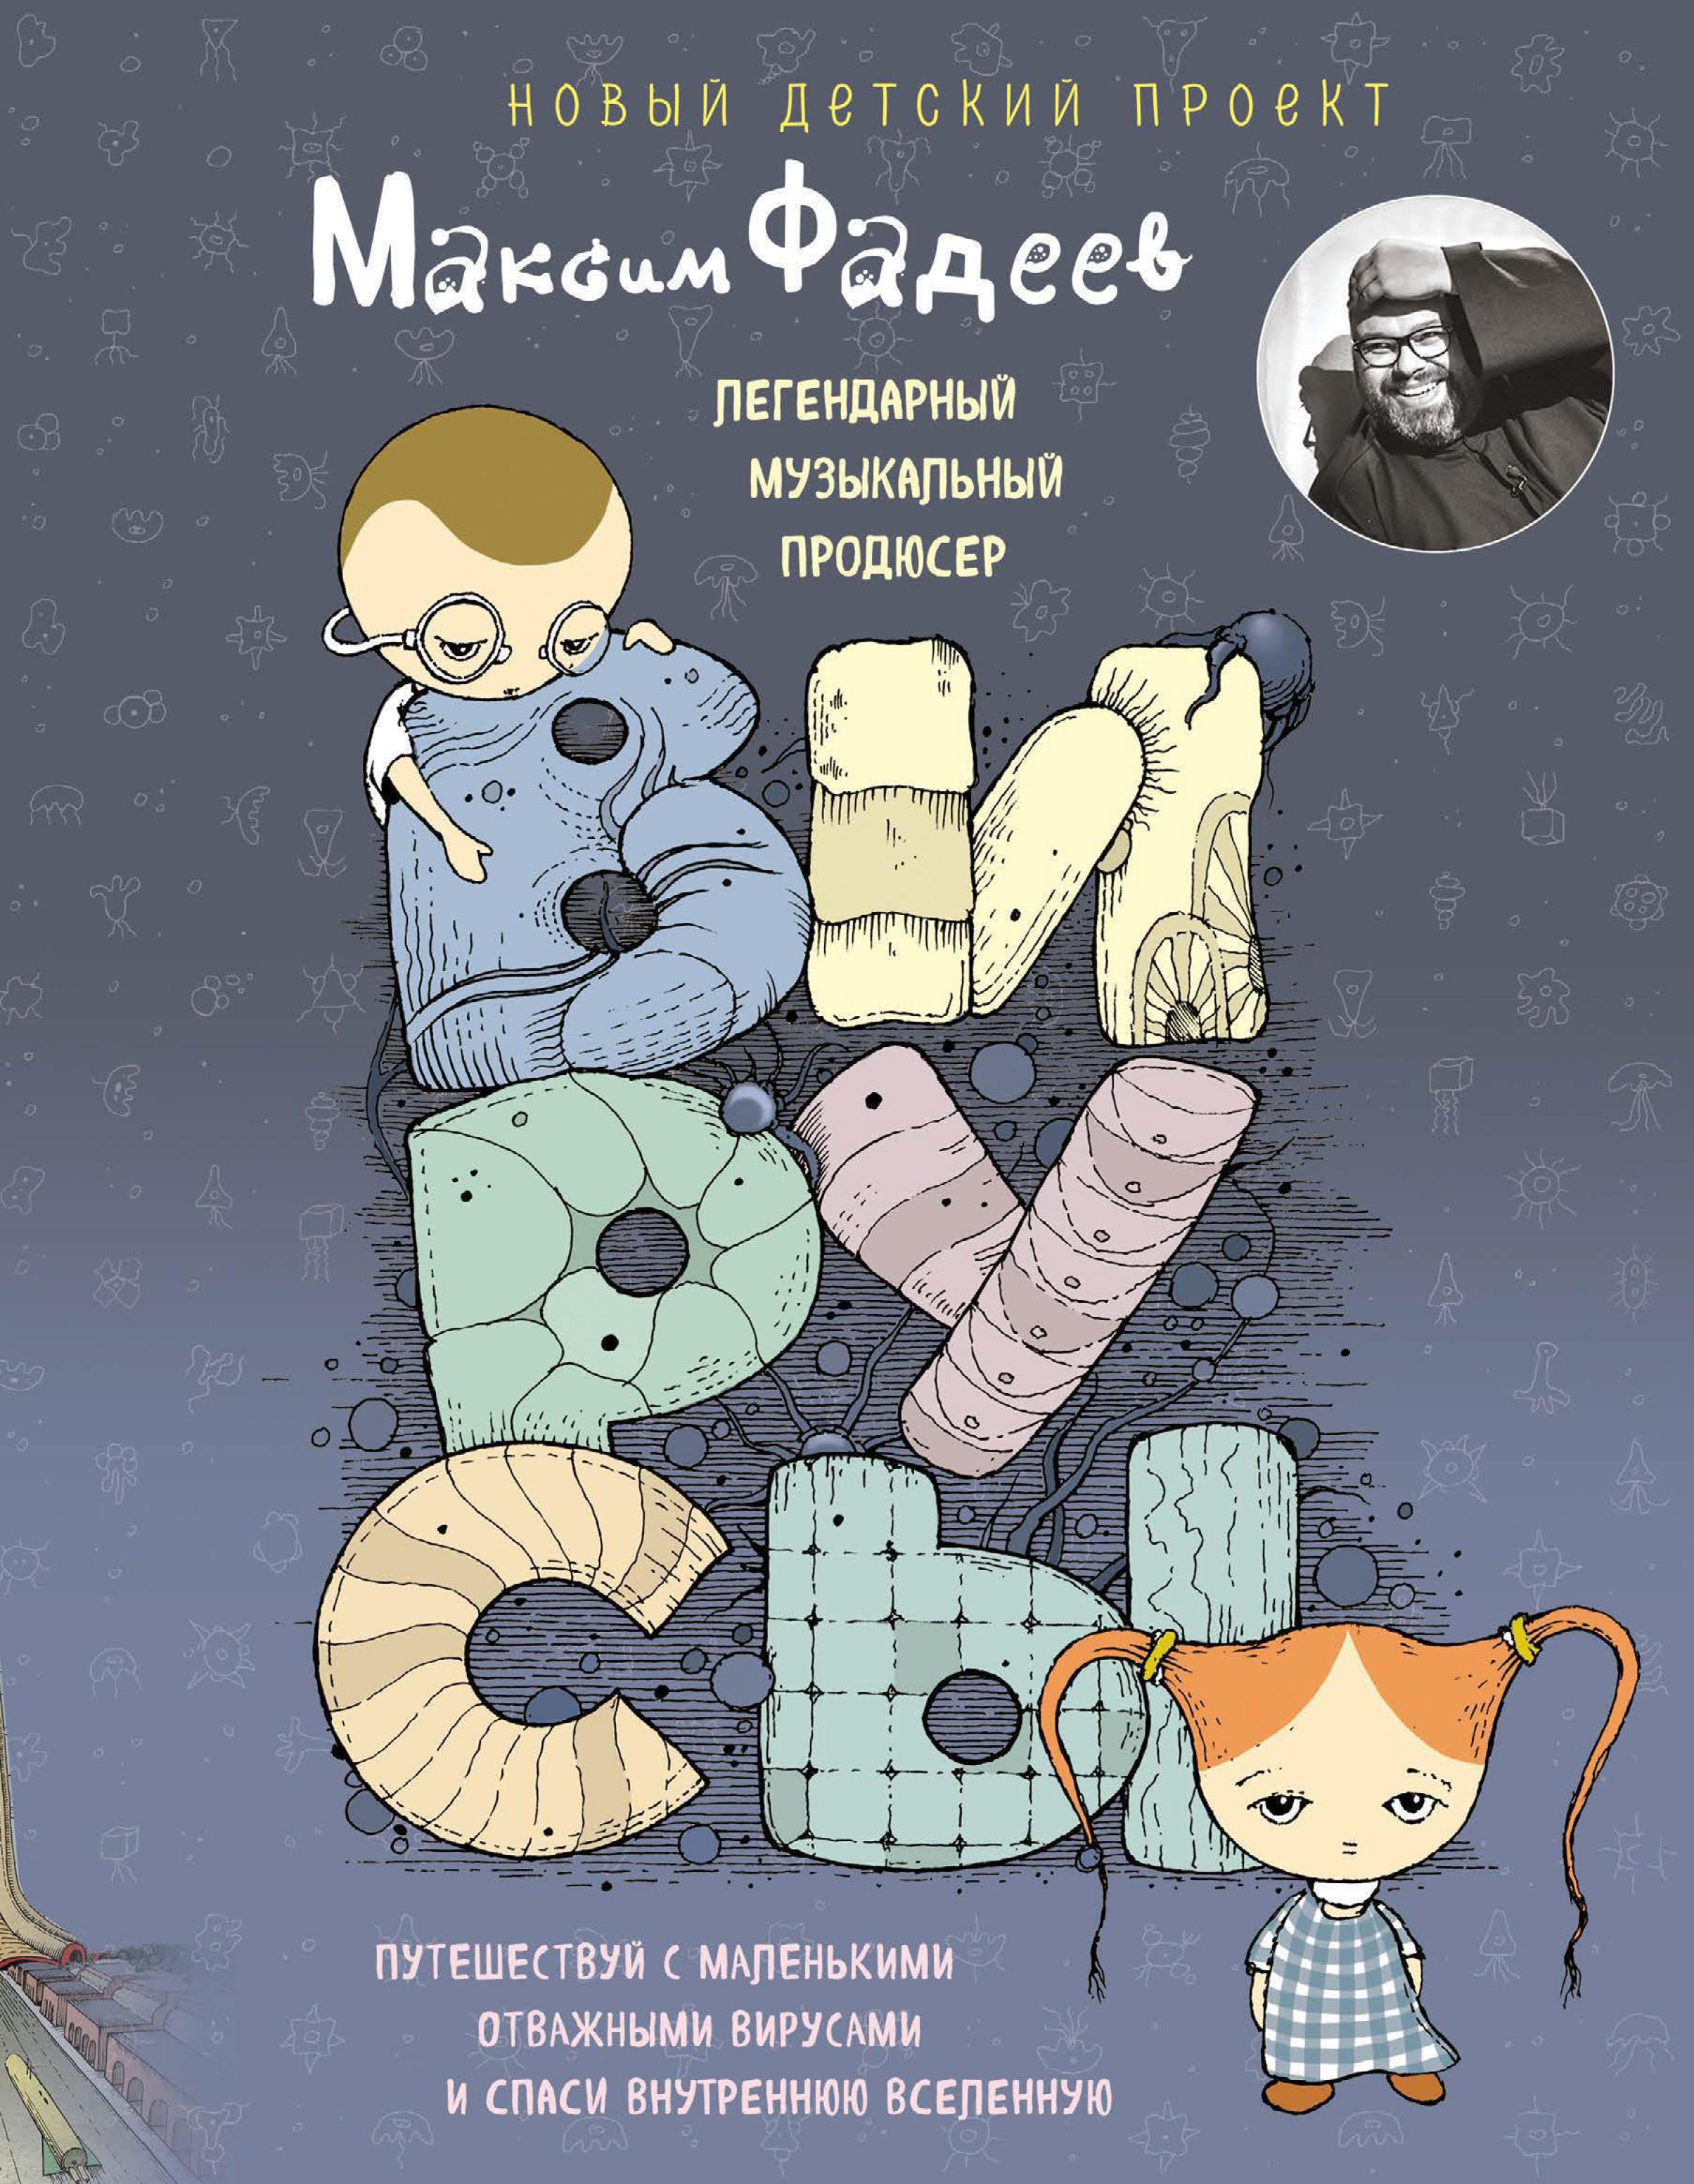 Максим Фадеев Вирусы как уничтожить вселенную и еще 34 интересных способа применения физики